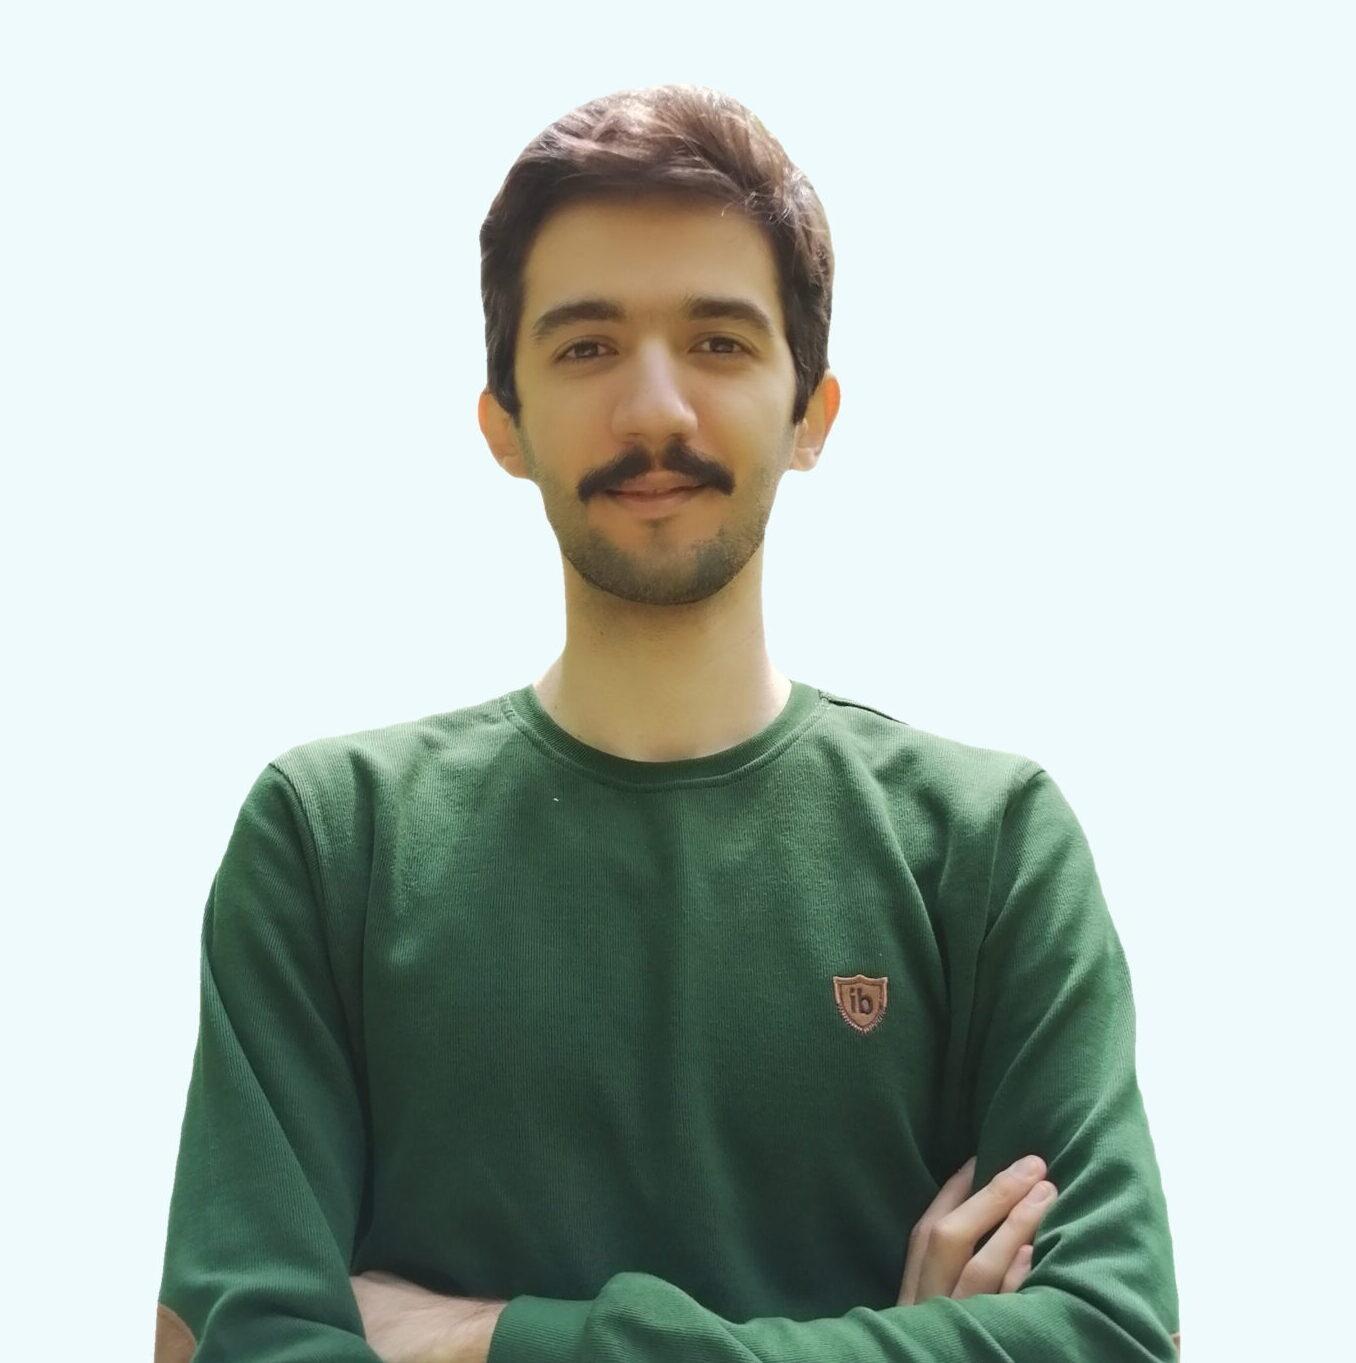 Ali Rahmati